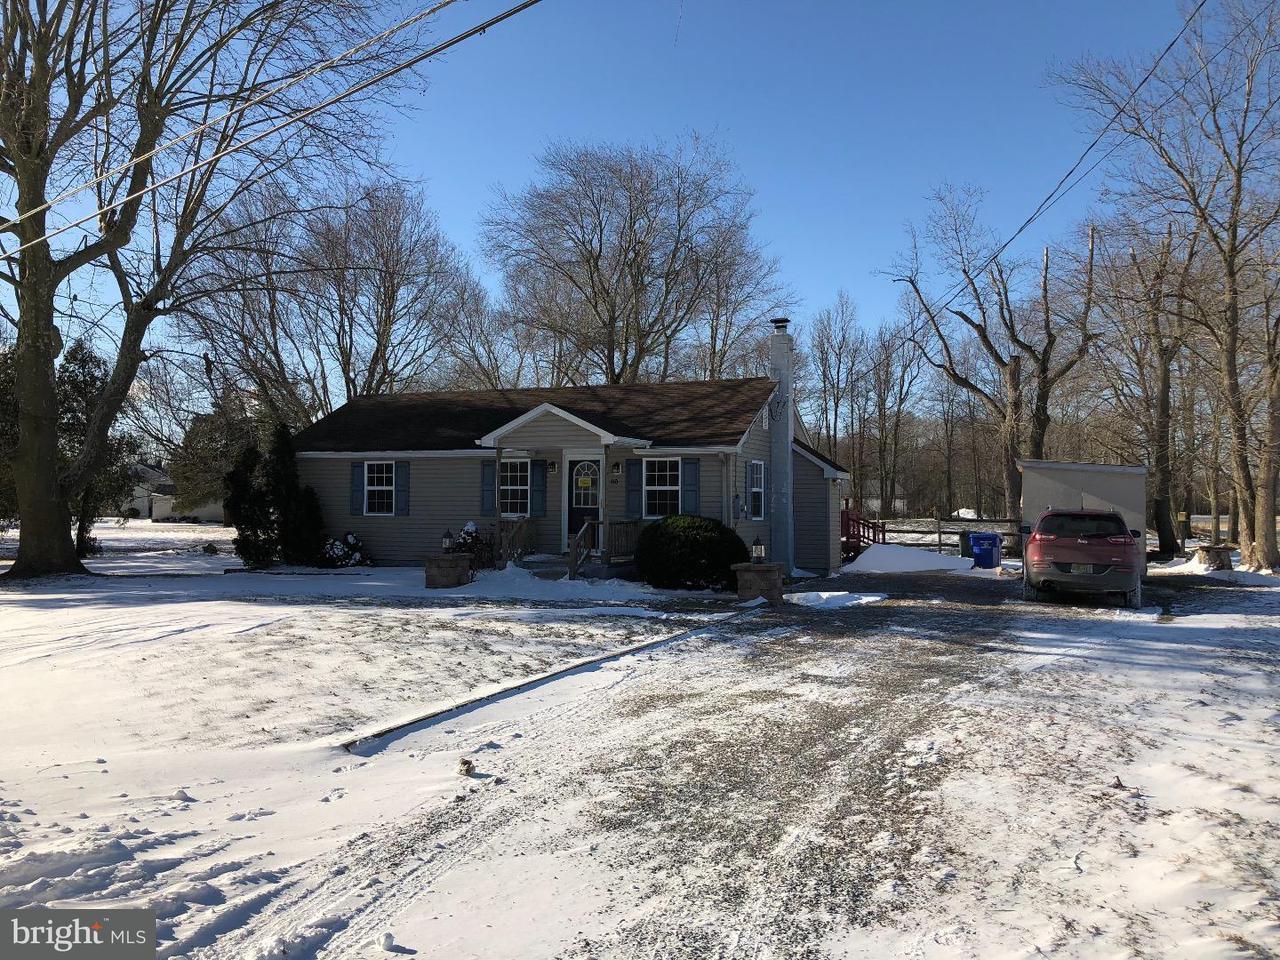 Maison unifamiliale pour l Vente à 80 HAGERSVILLE Road Elsinboro Township, New Jersey 08079 États-Unis